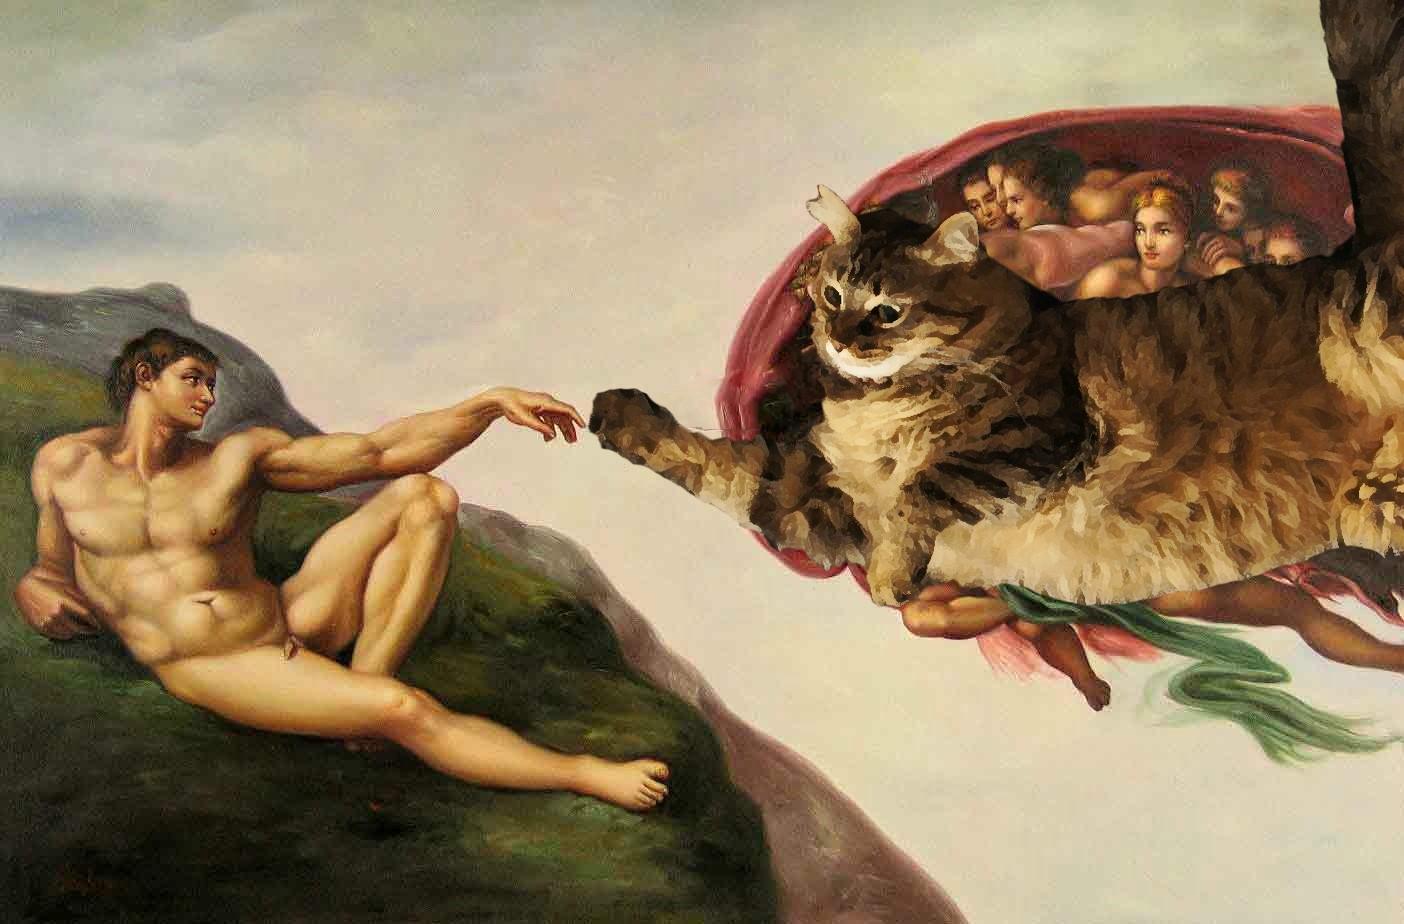 Il gatto divenne un dio